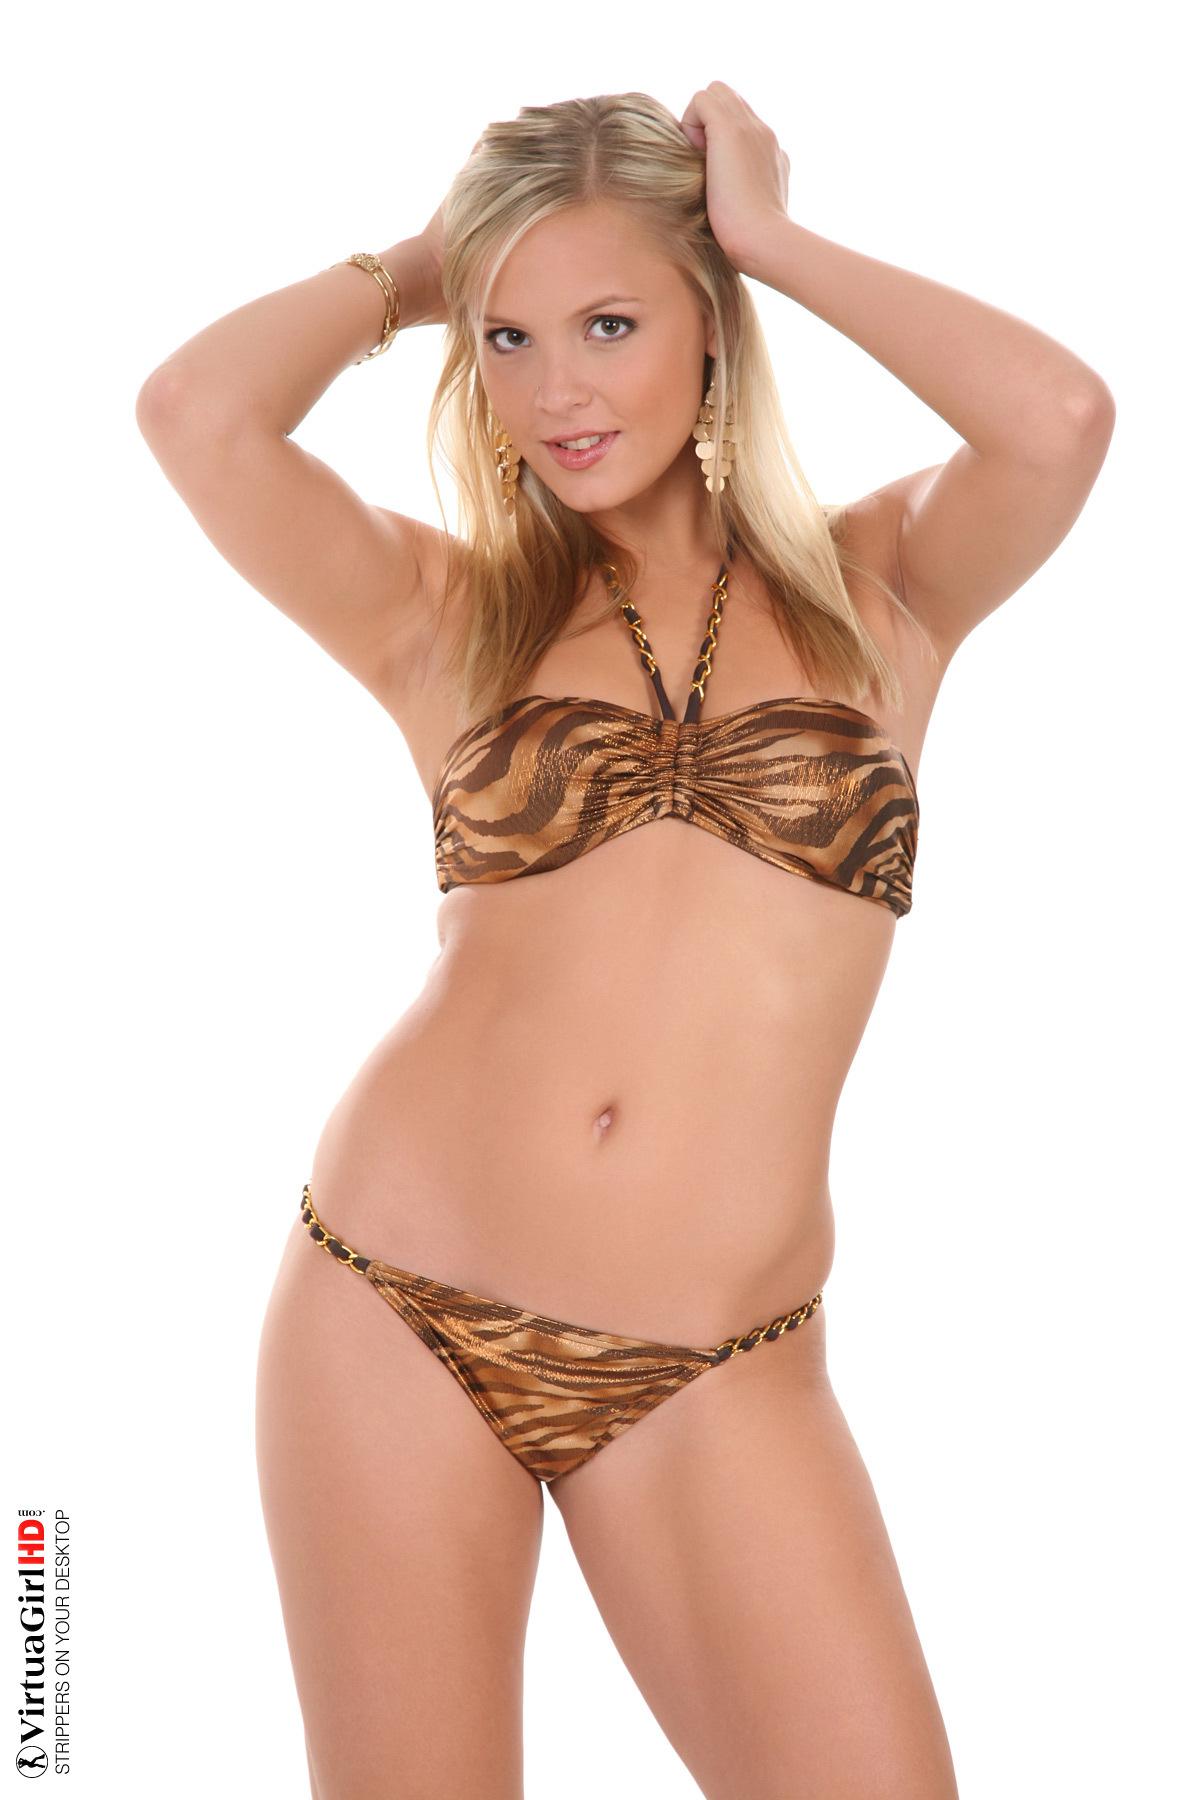 stripper for your desktop